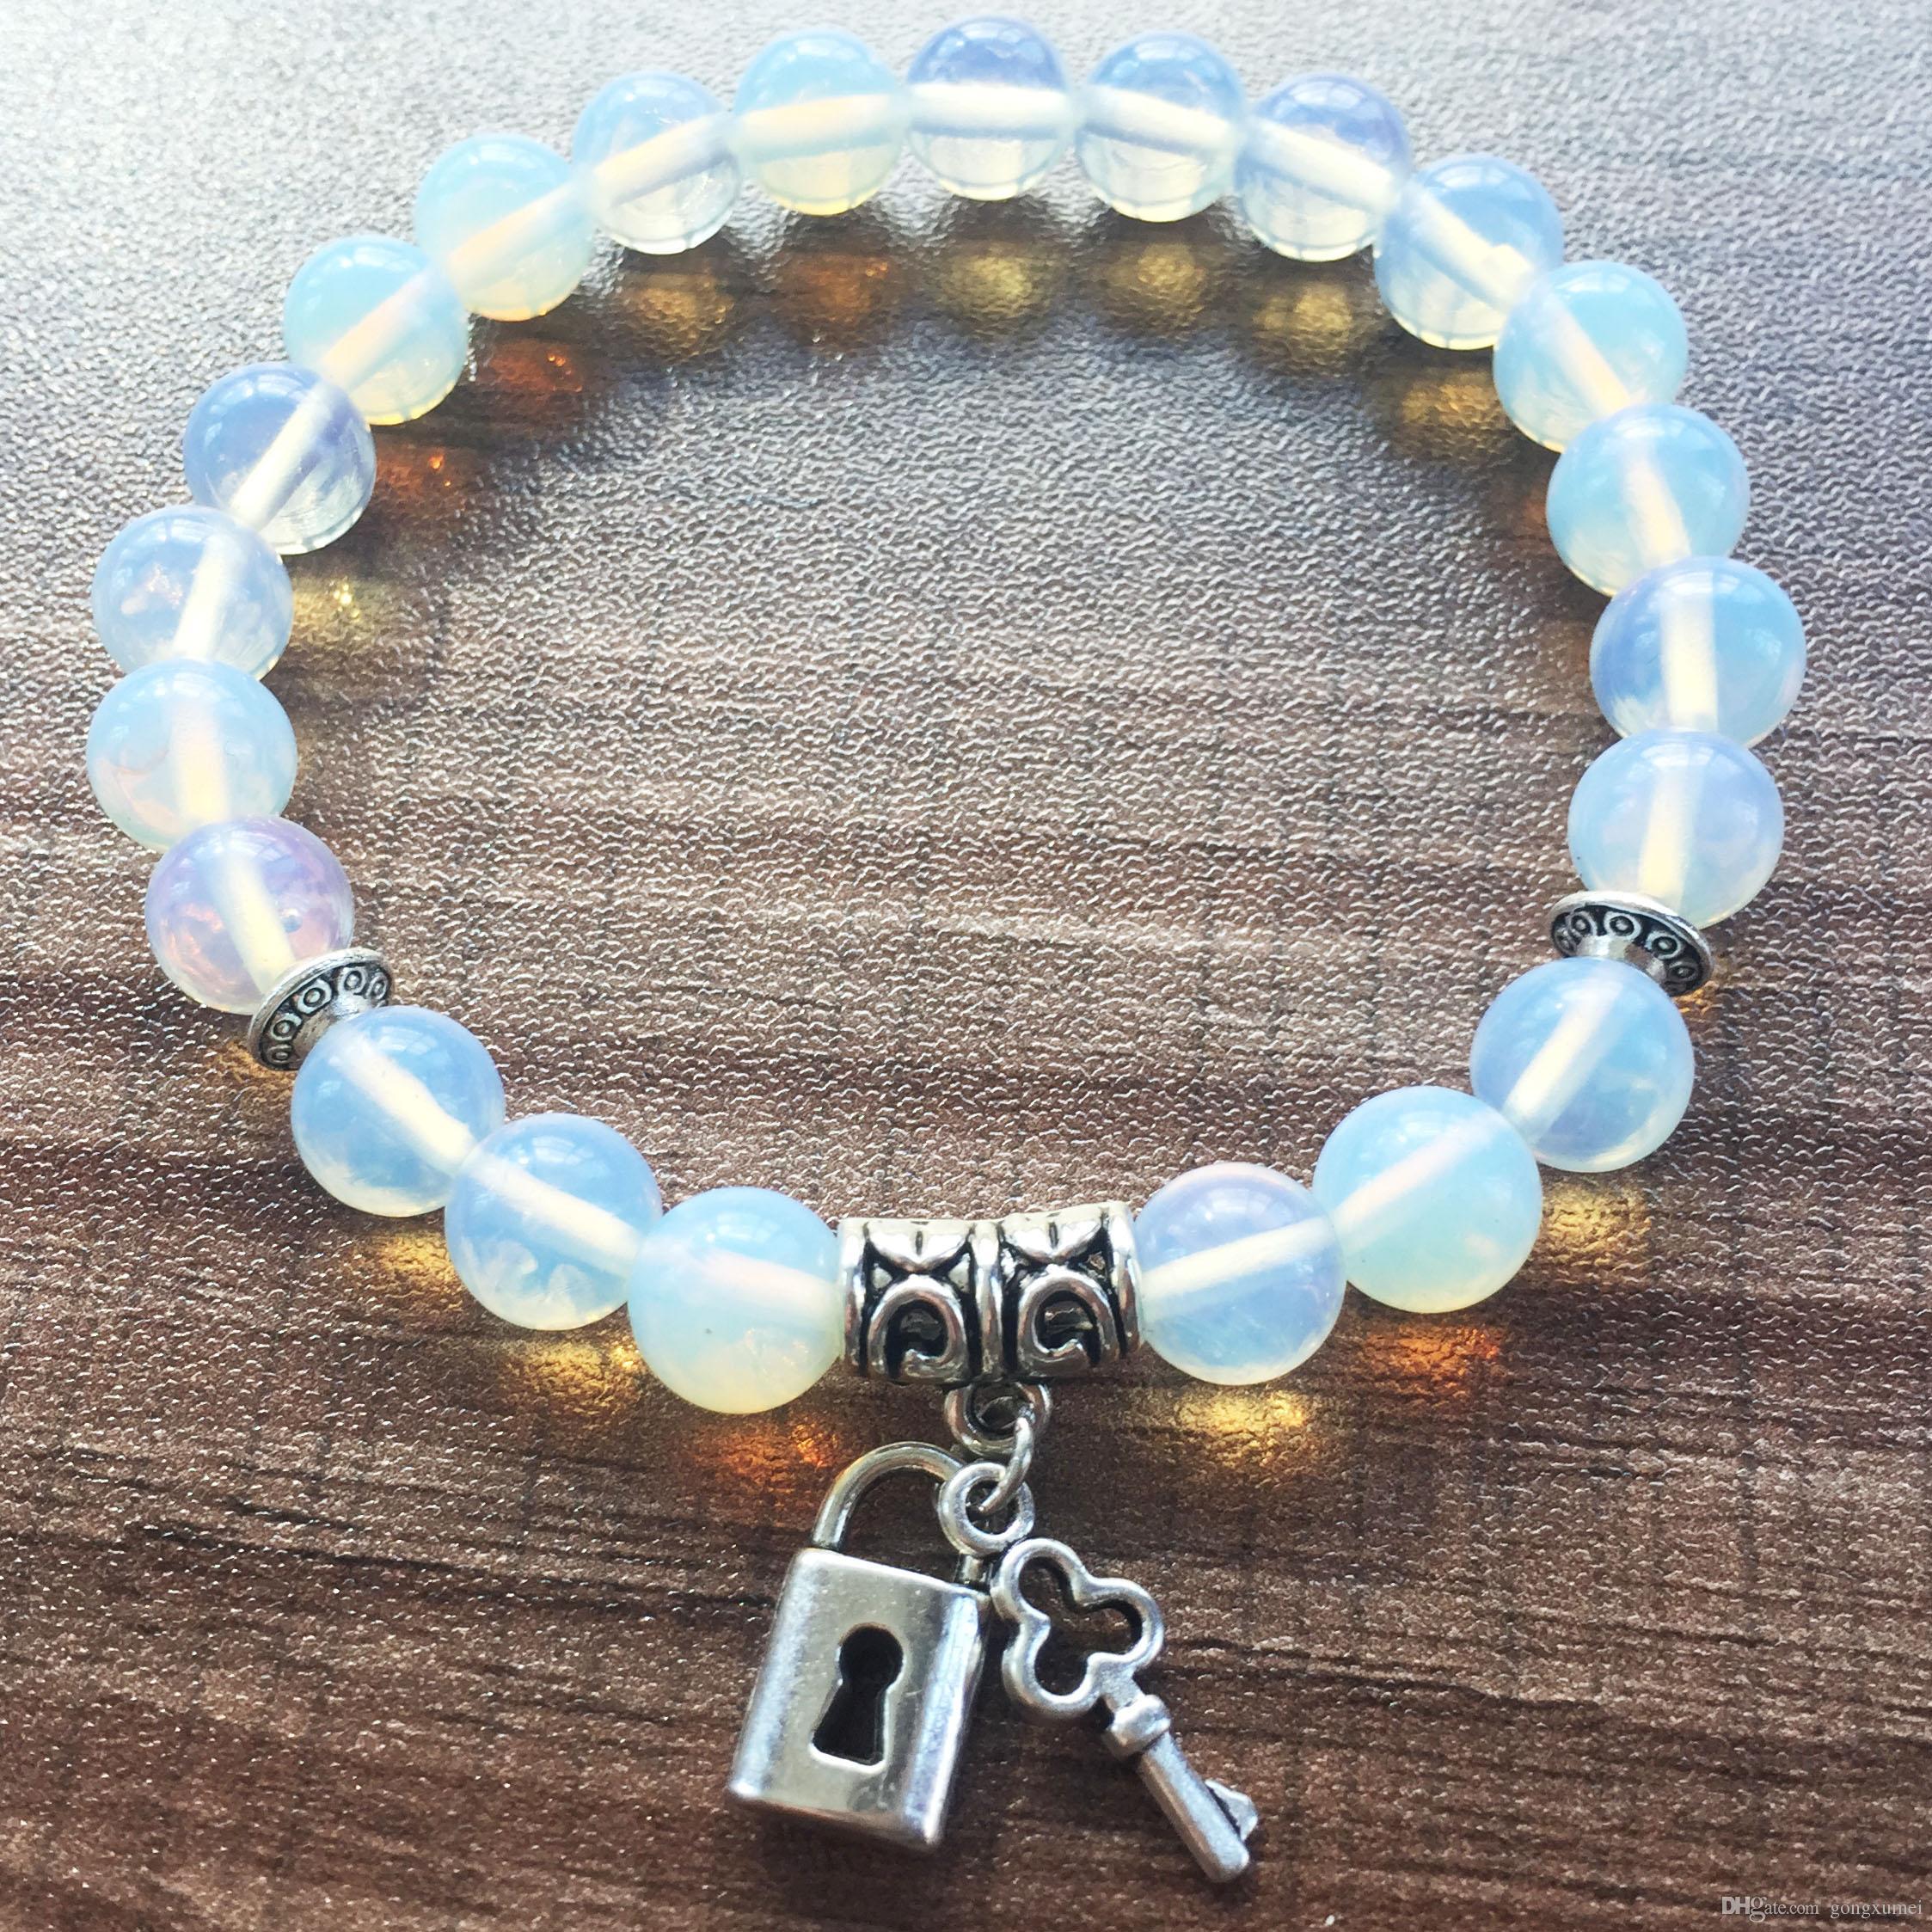 8 мм опал браслет любовь ключ кулон/любовь замок кулон круглый Браслет из бисера женщины мужчины йога молитва браслеты мала бусины браслеты